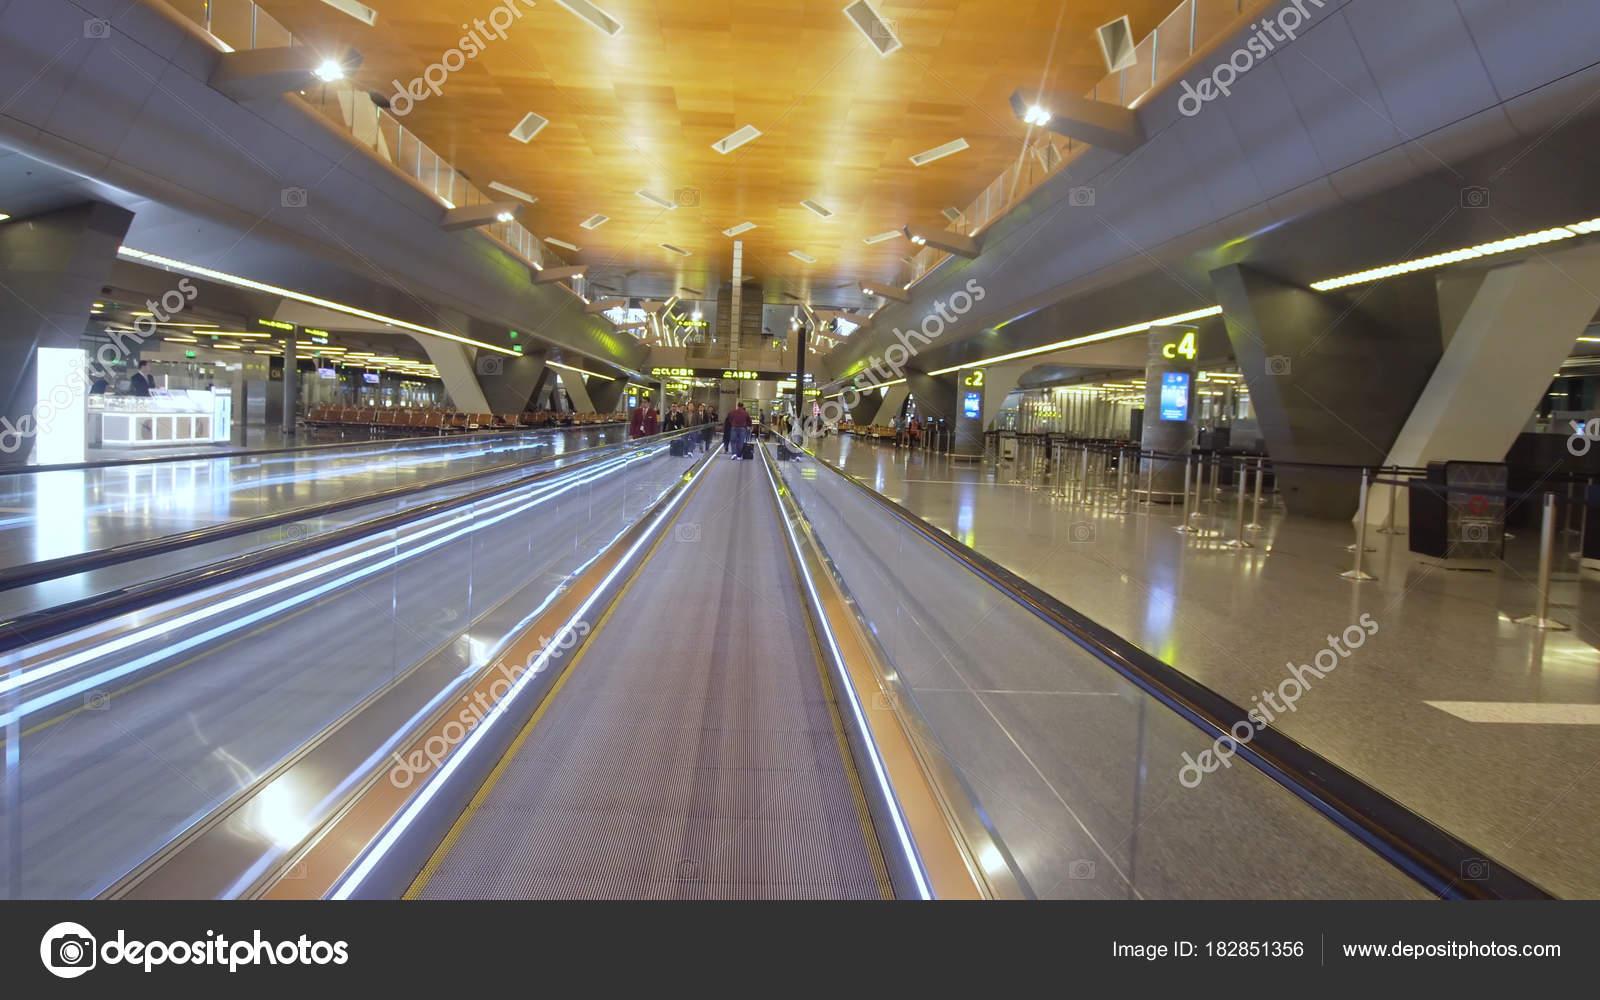 Aeroporto Hamad : Aeroporto internacional de doha qatar — stock photo